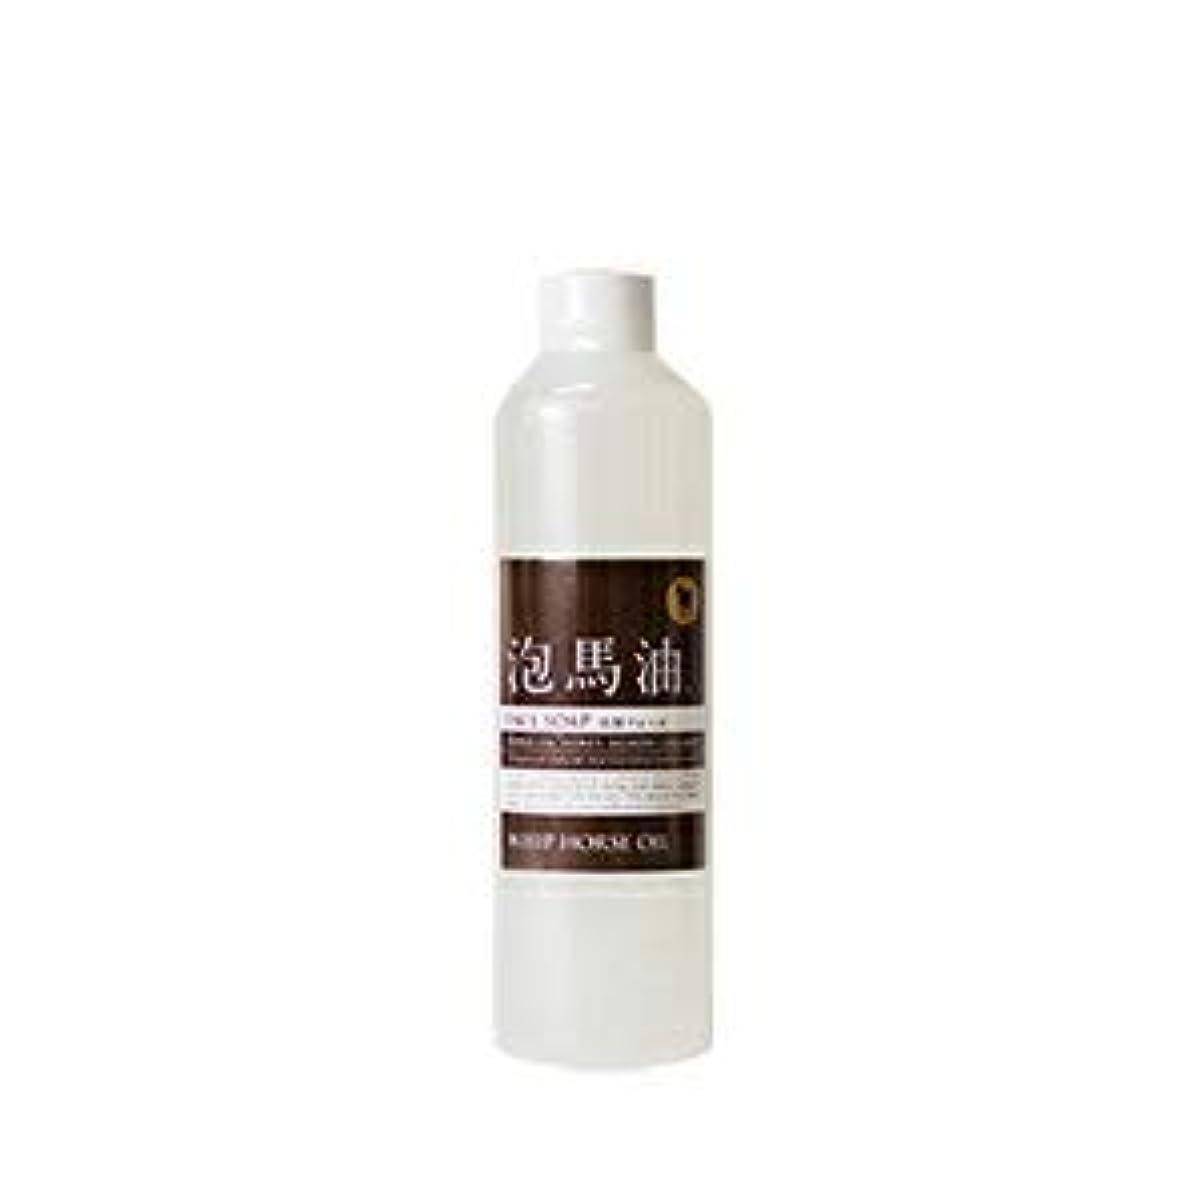 洗顔フォーム 馬油配合 泡馬油 詰め替え用300ml